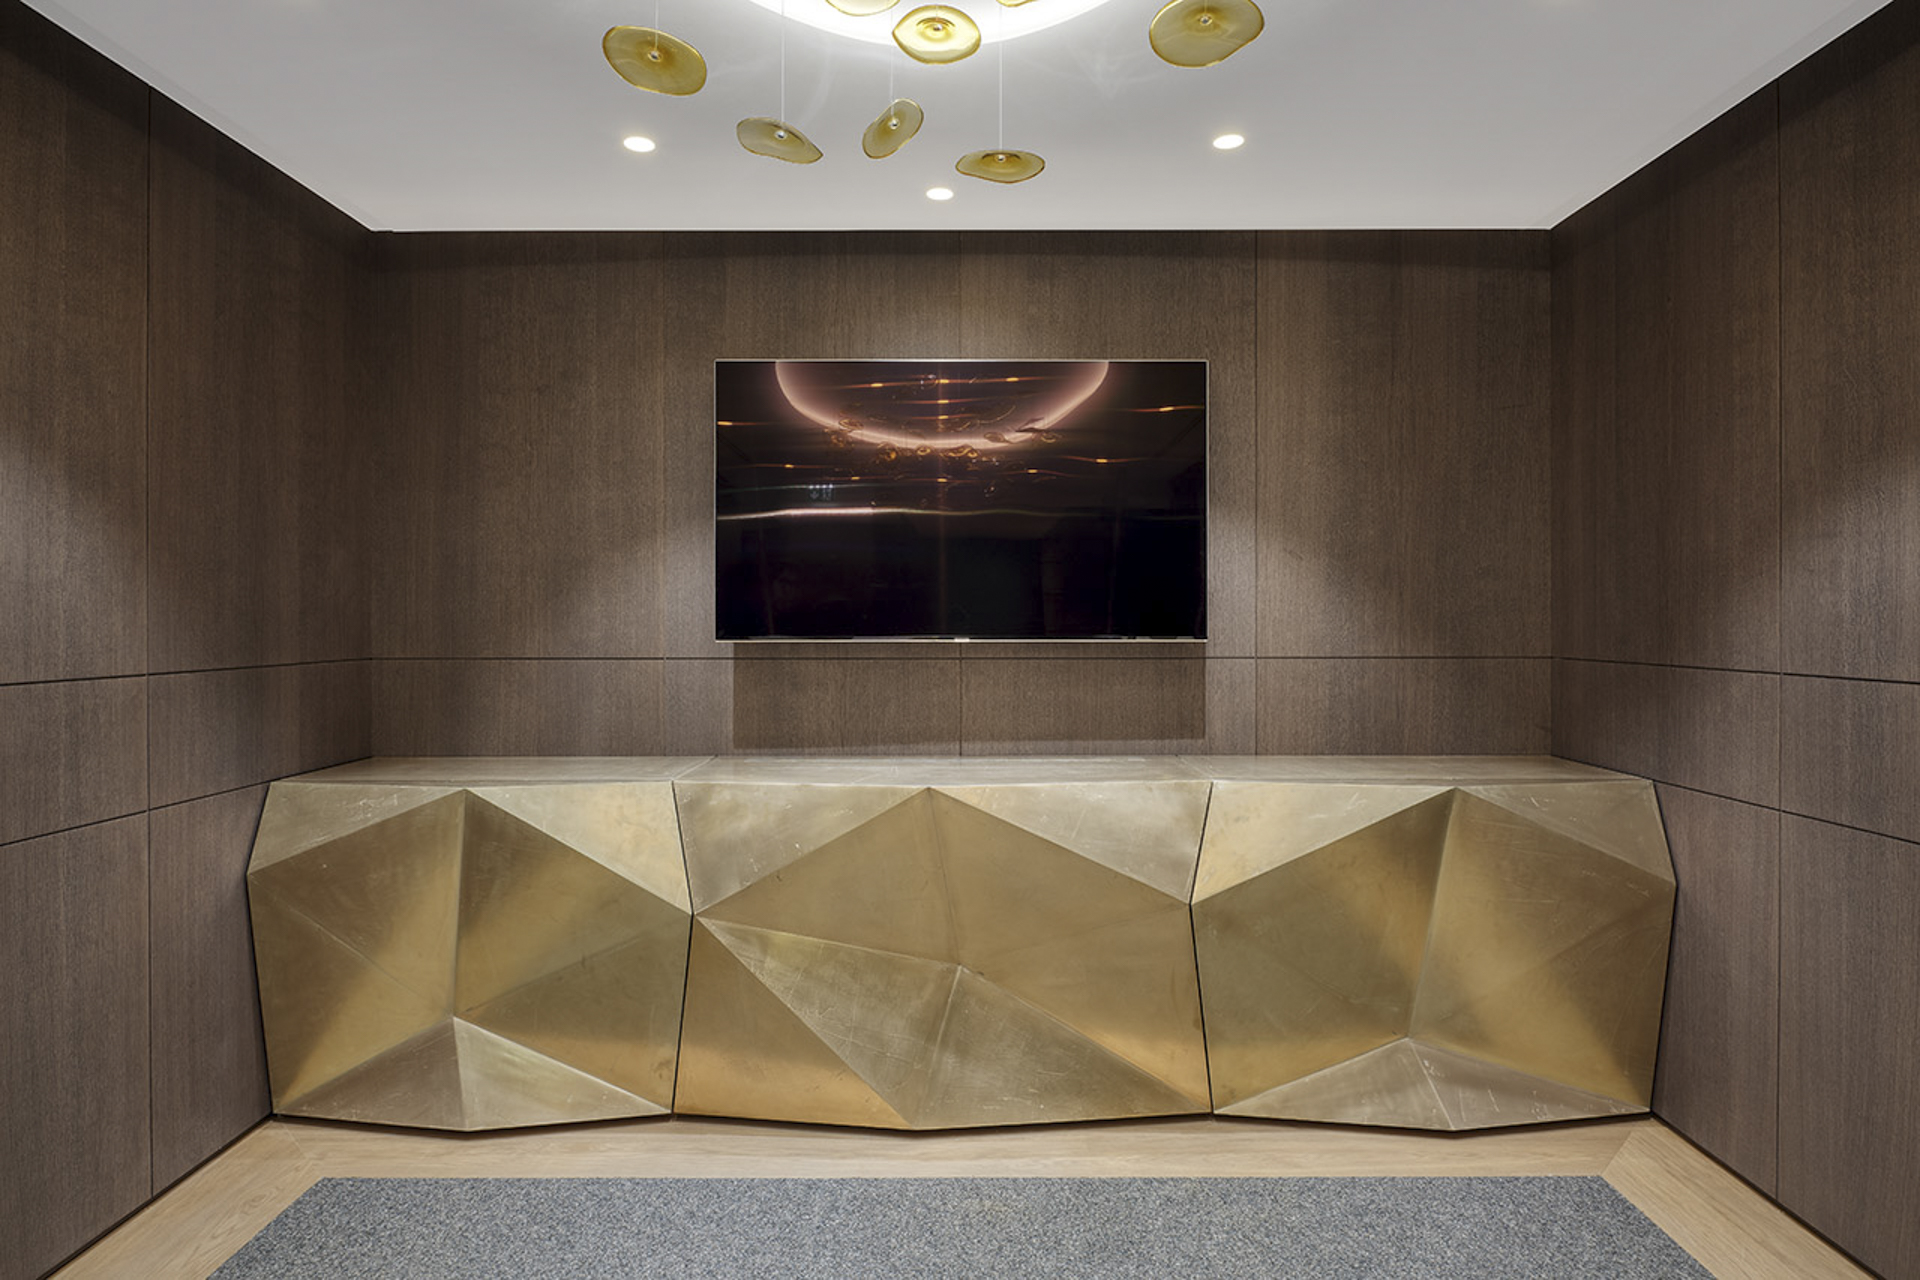 tischlerei-decker-UGW-Besprechung-Sideboard